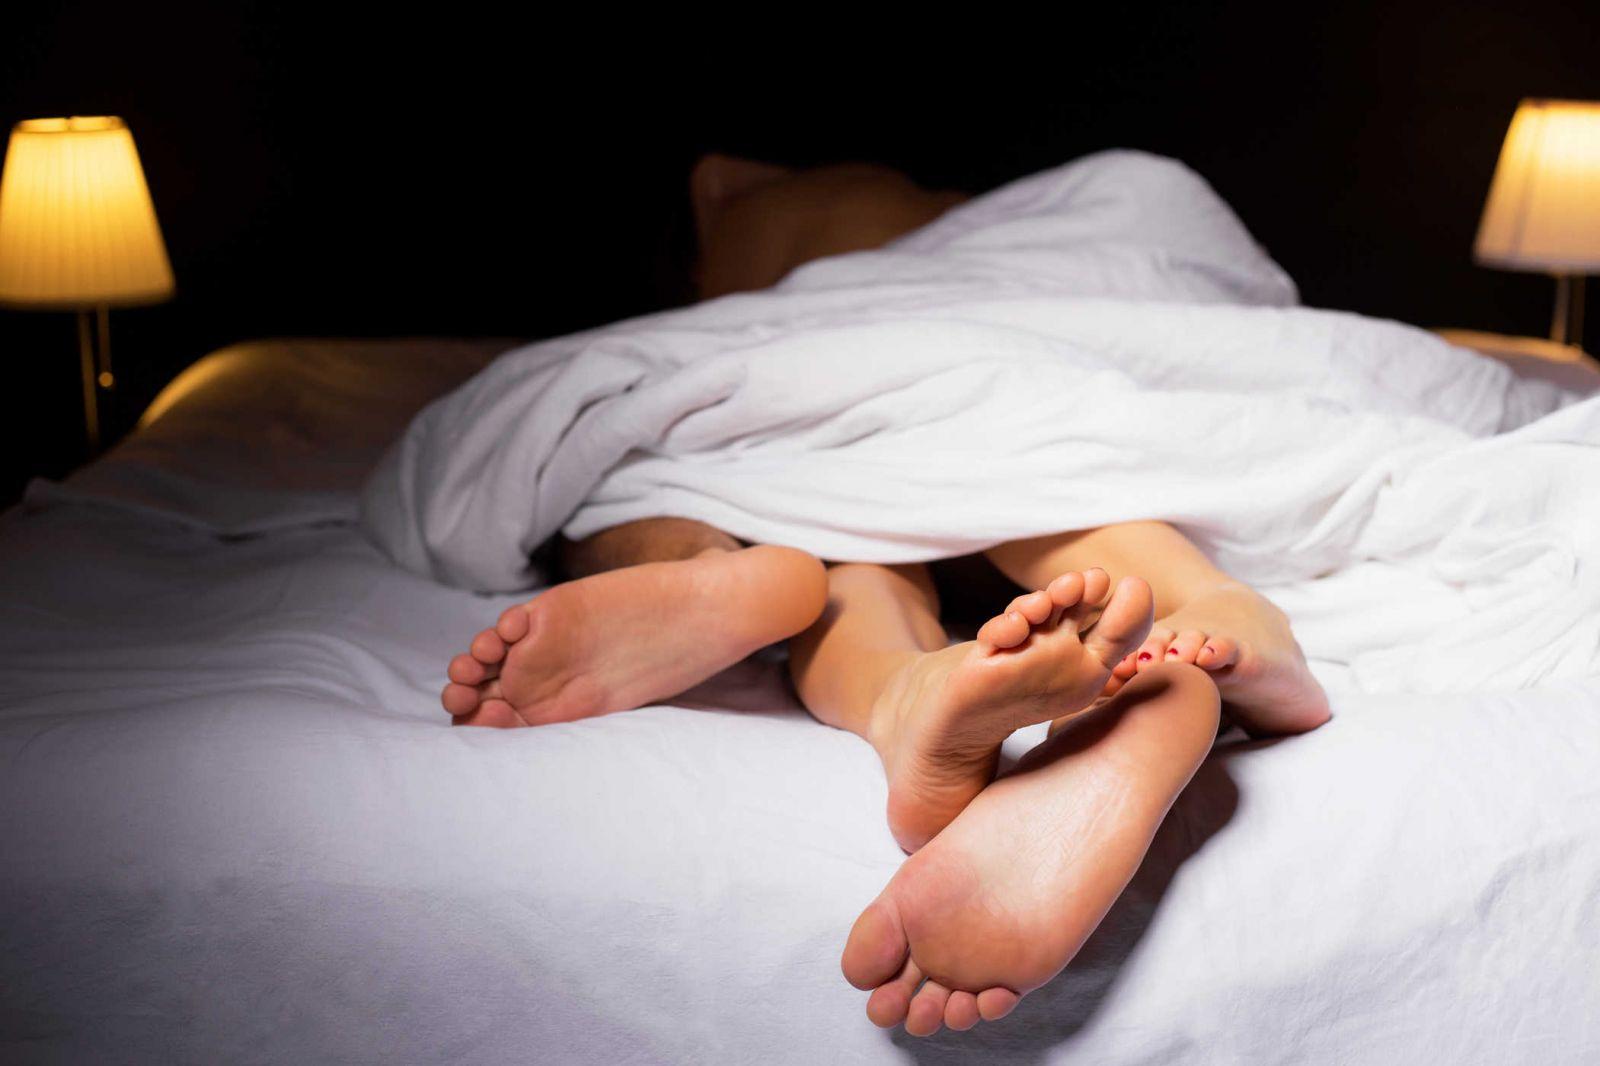 Thời gian sử dụng của vòng tránh thai trung bình là 5 năm